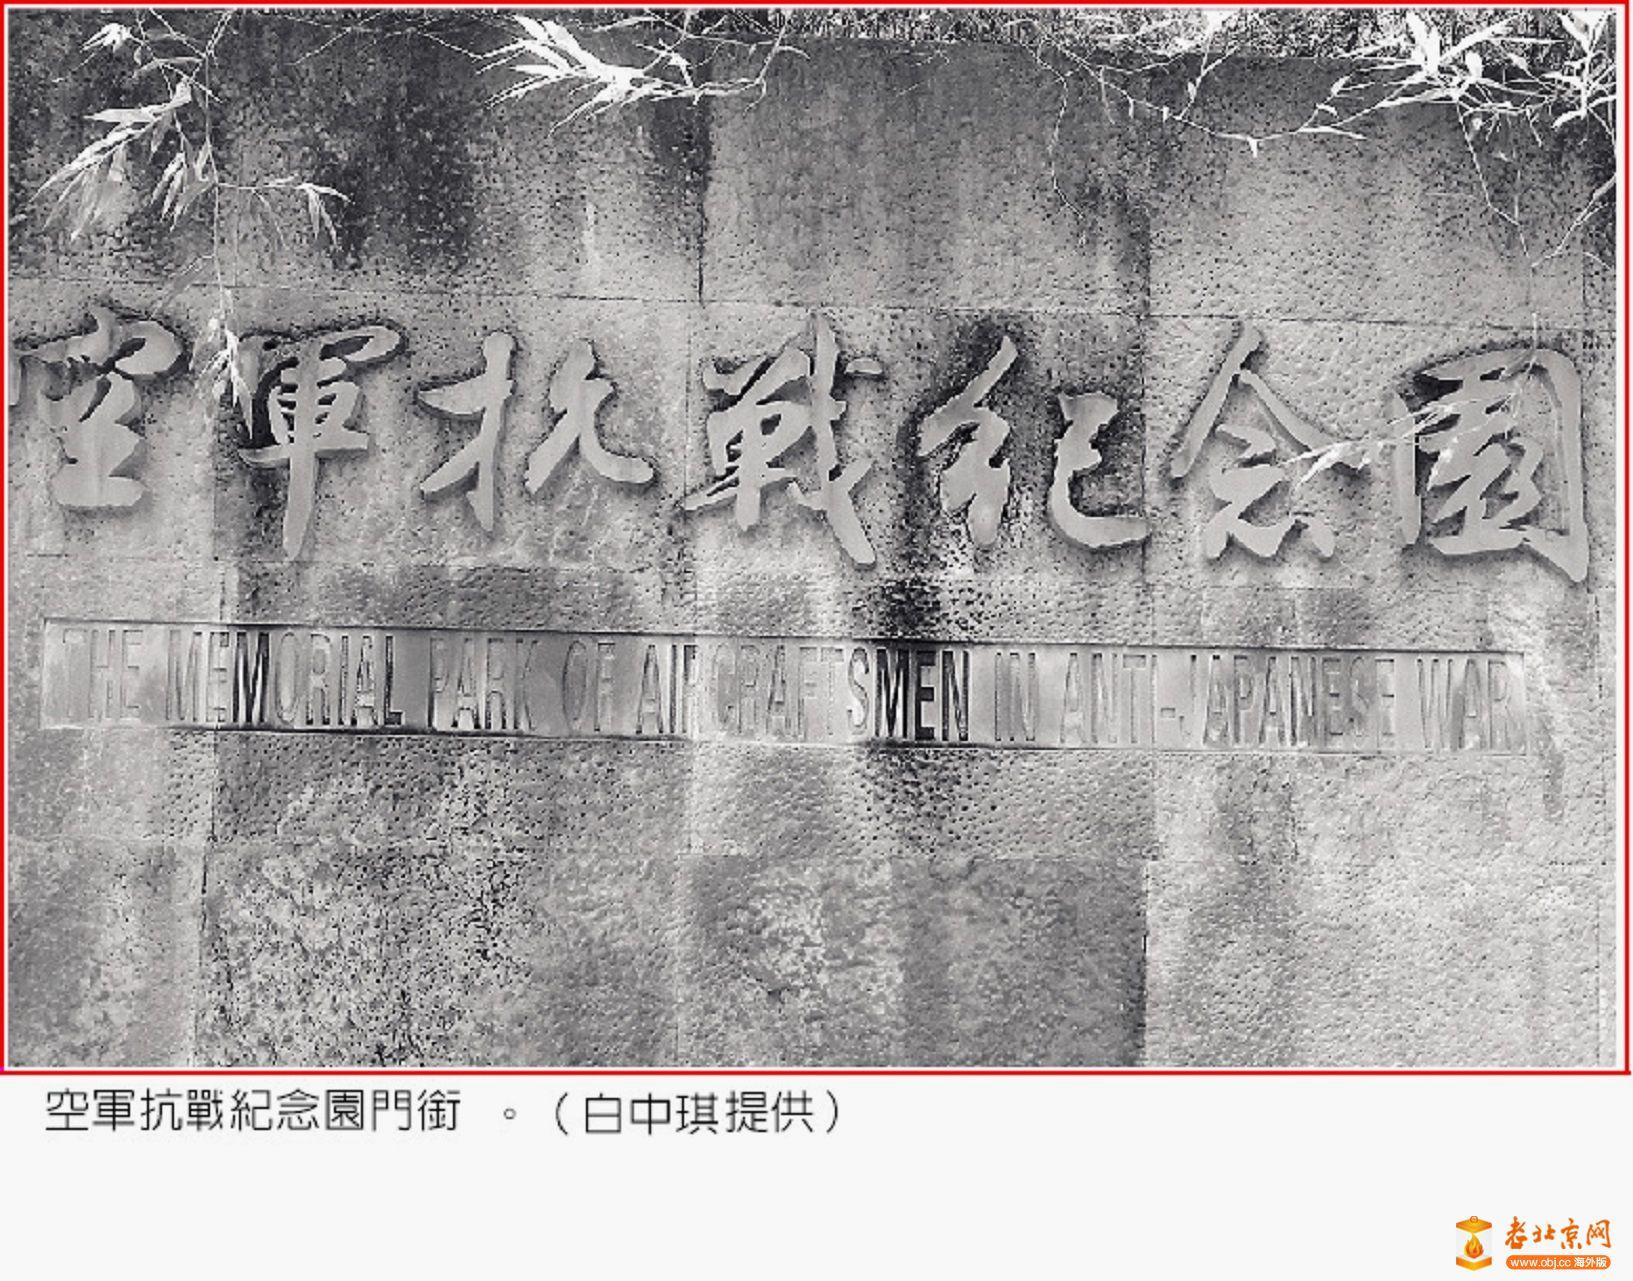 正义复位 记重庆汪山空军英烈 从空军坟到空军坡(之八)